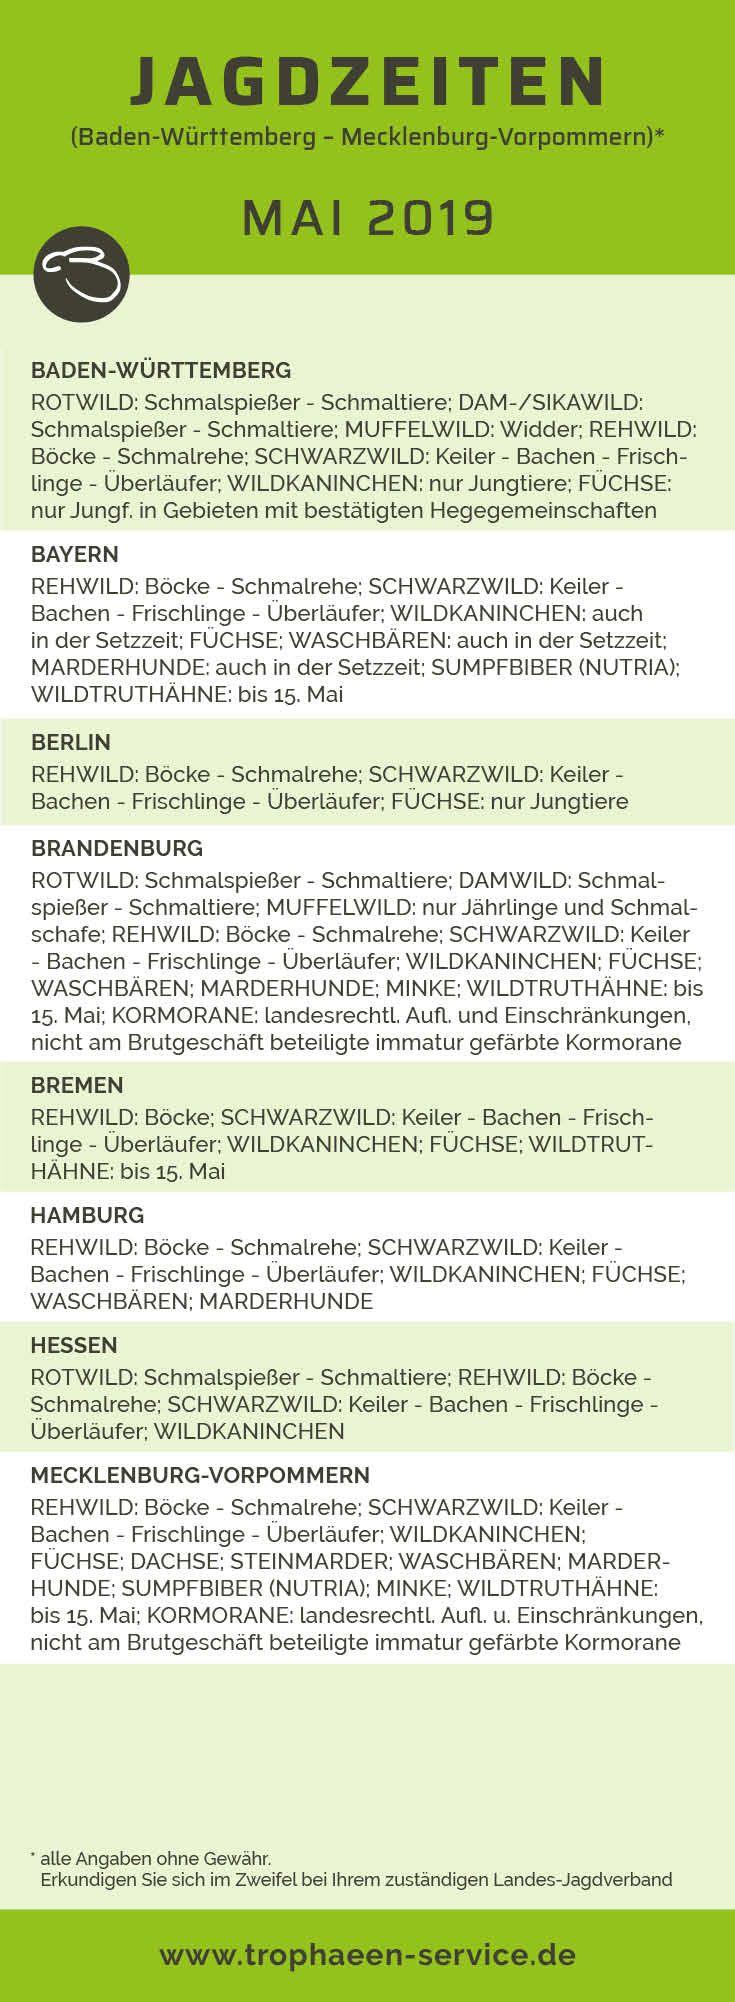 Jagdzeiten MAI 2019 (Baden (Württemberg Mecklenburg